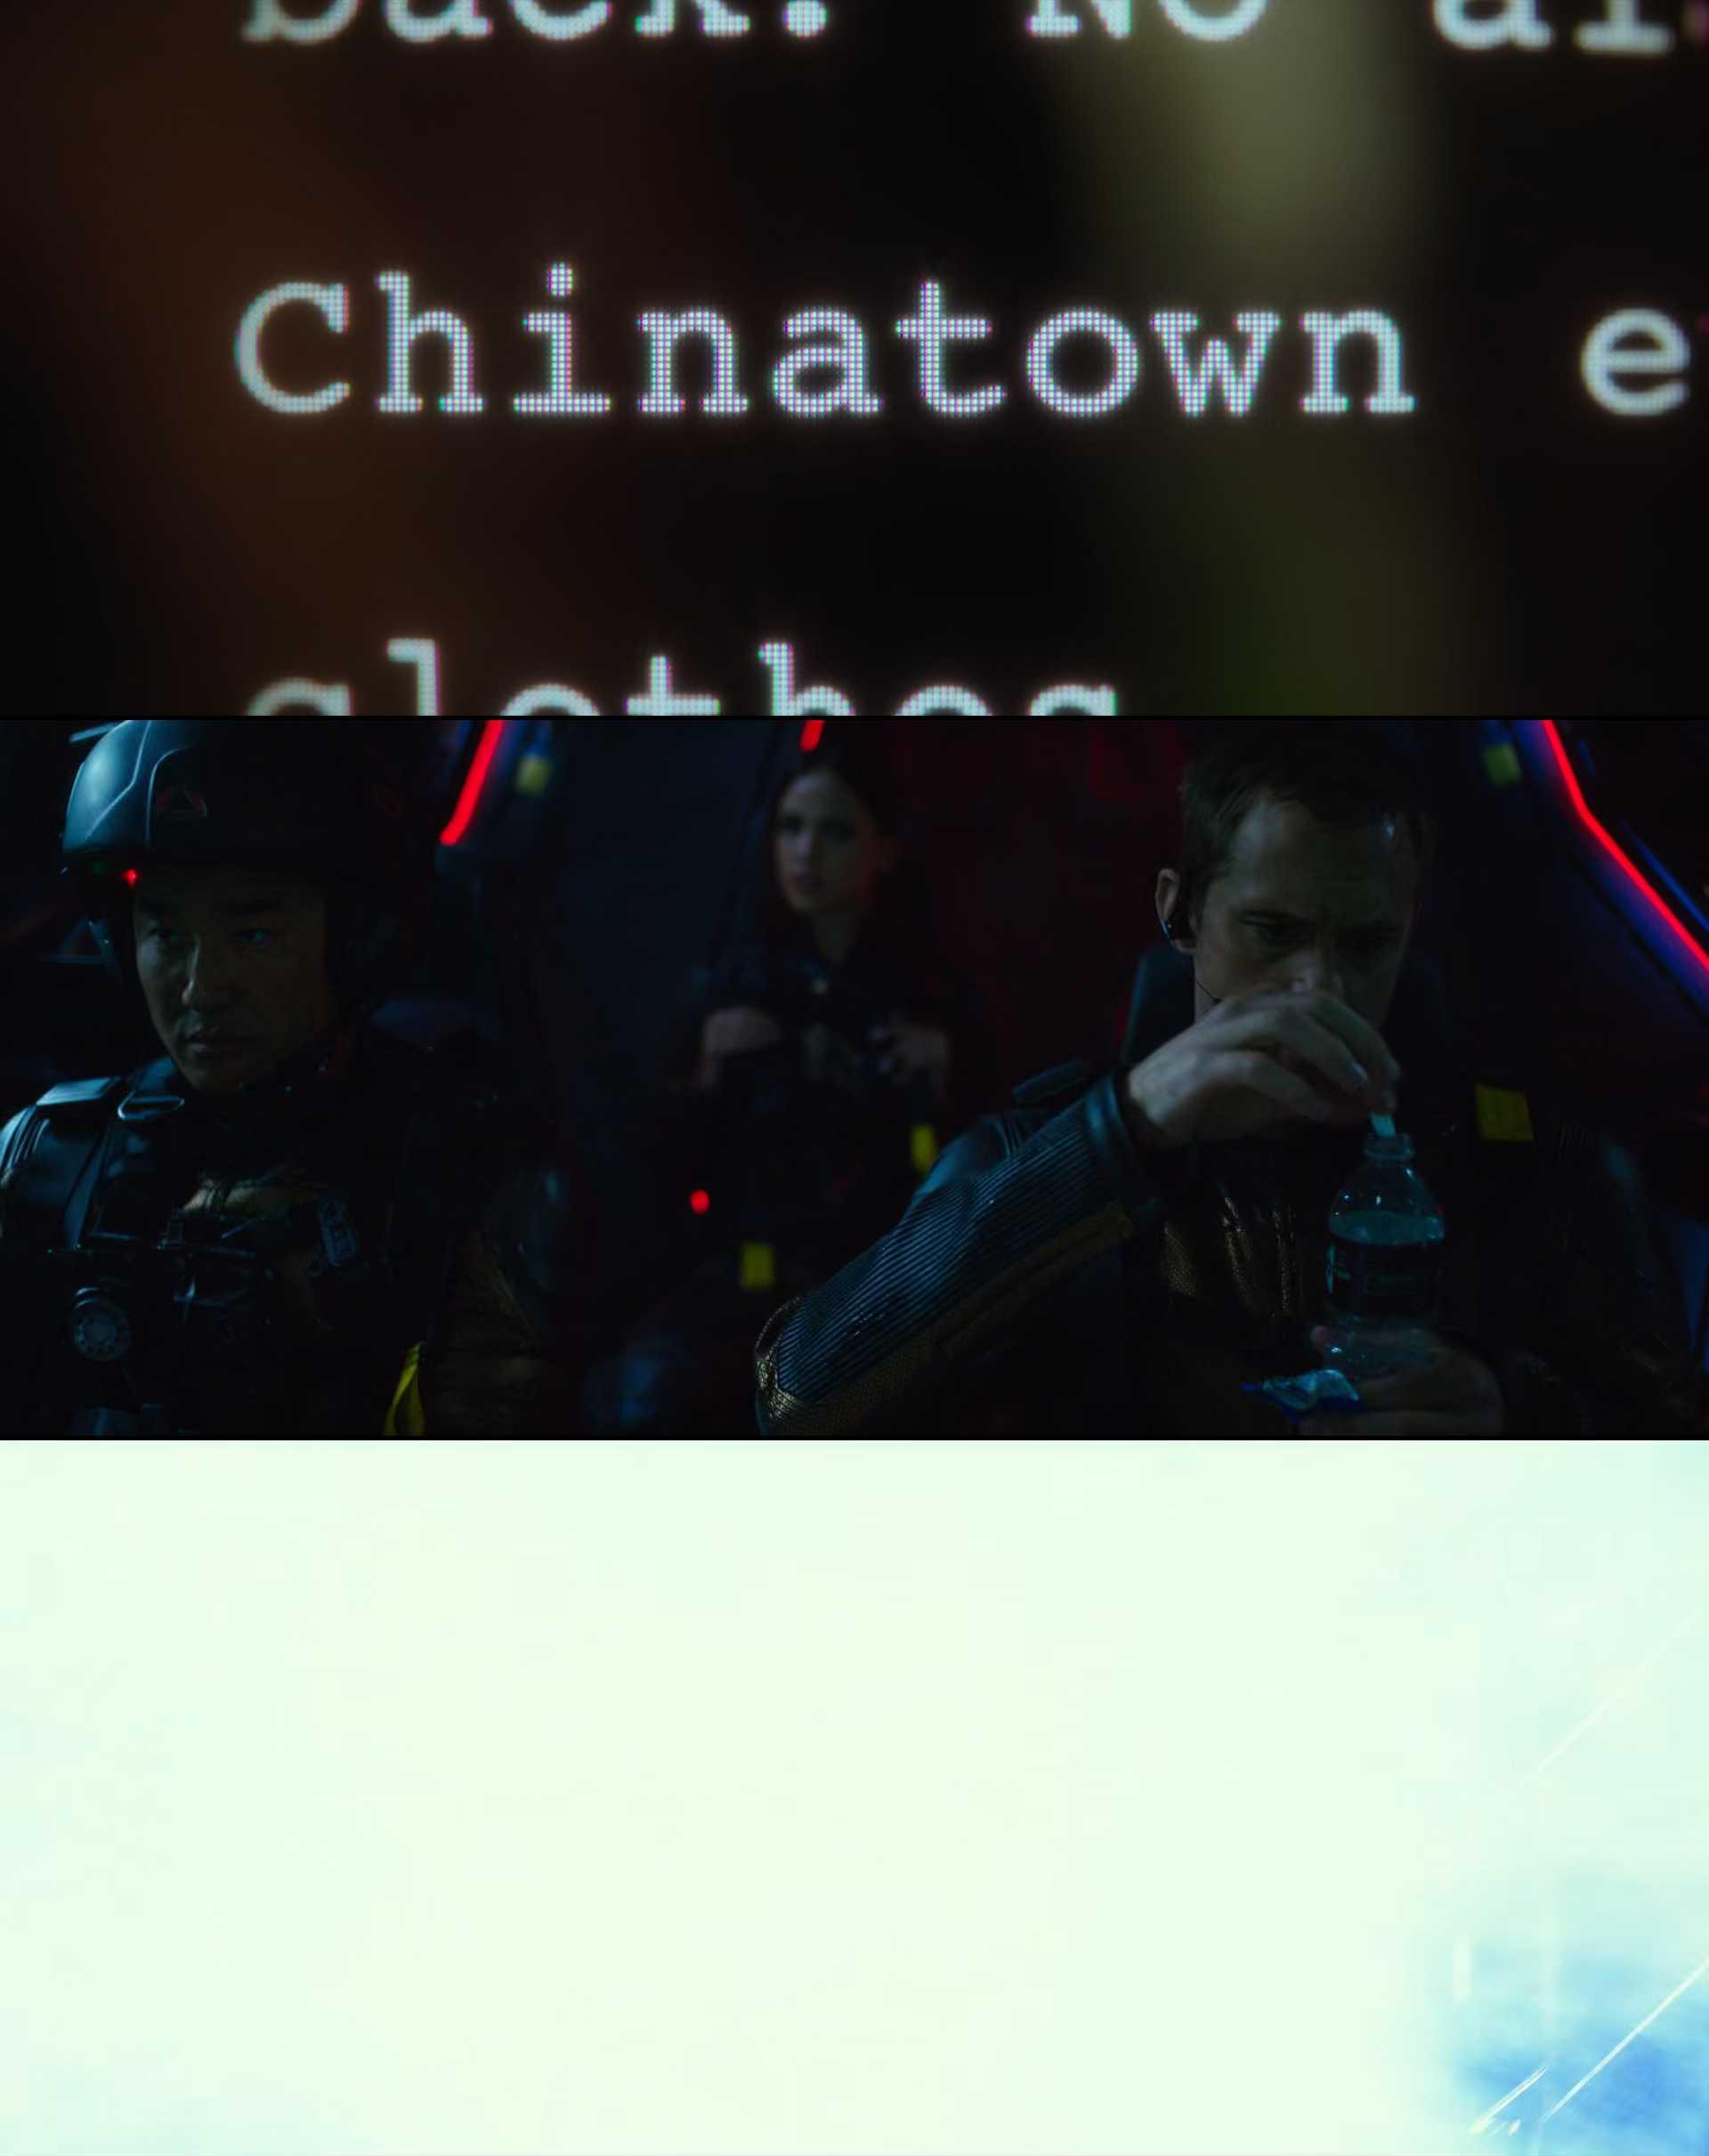 Screenshot of Godzilla vs. Kong Movie